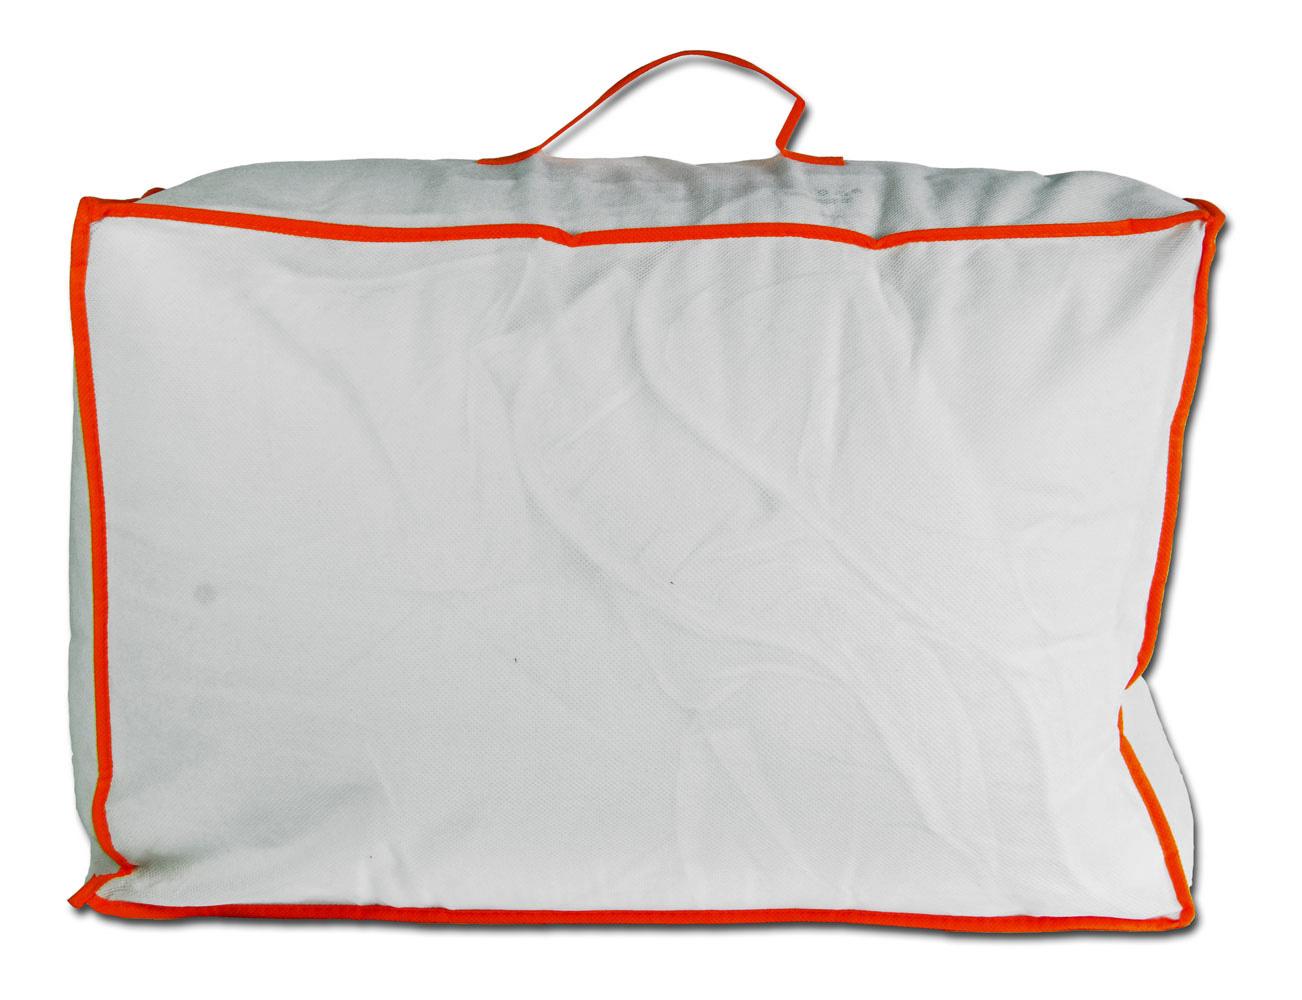 155x220 cm 4 jahreszeiten bettdecke decke bettdecke steppdecke winterdecke decke ebay. Black Bedroom Furniture Sets. Home Design Ideas